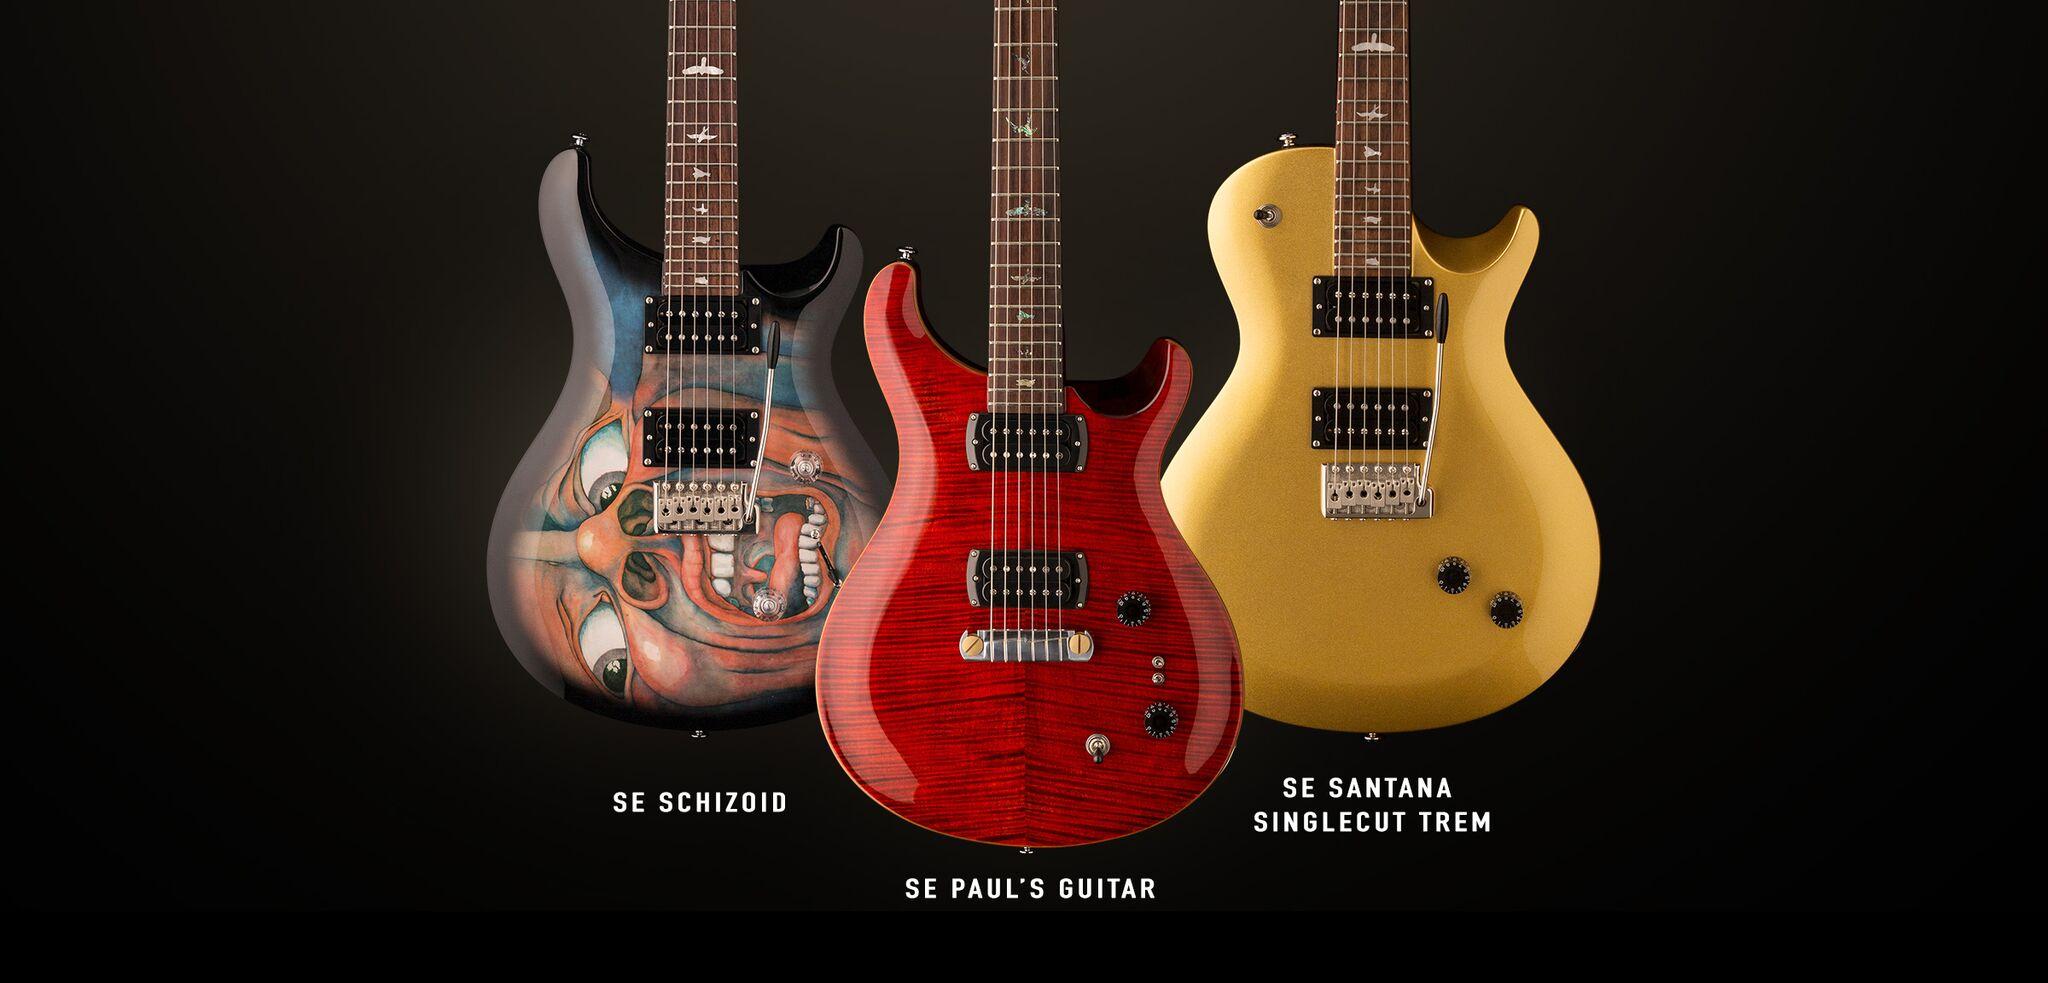 PRS Guitars Introduces Three New SE Signature Models